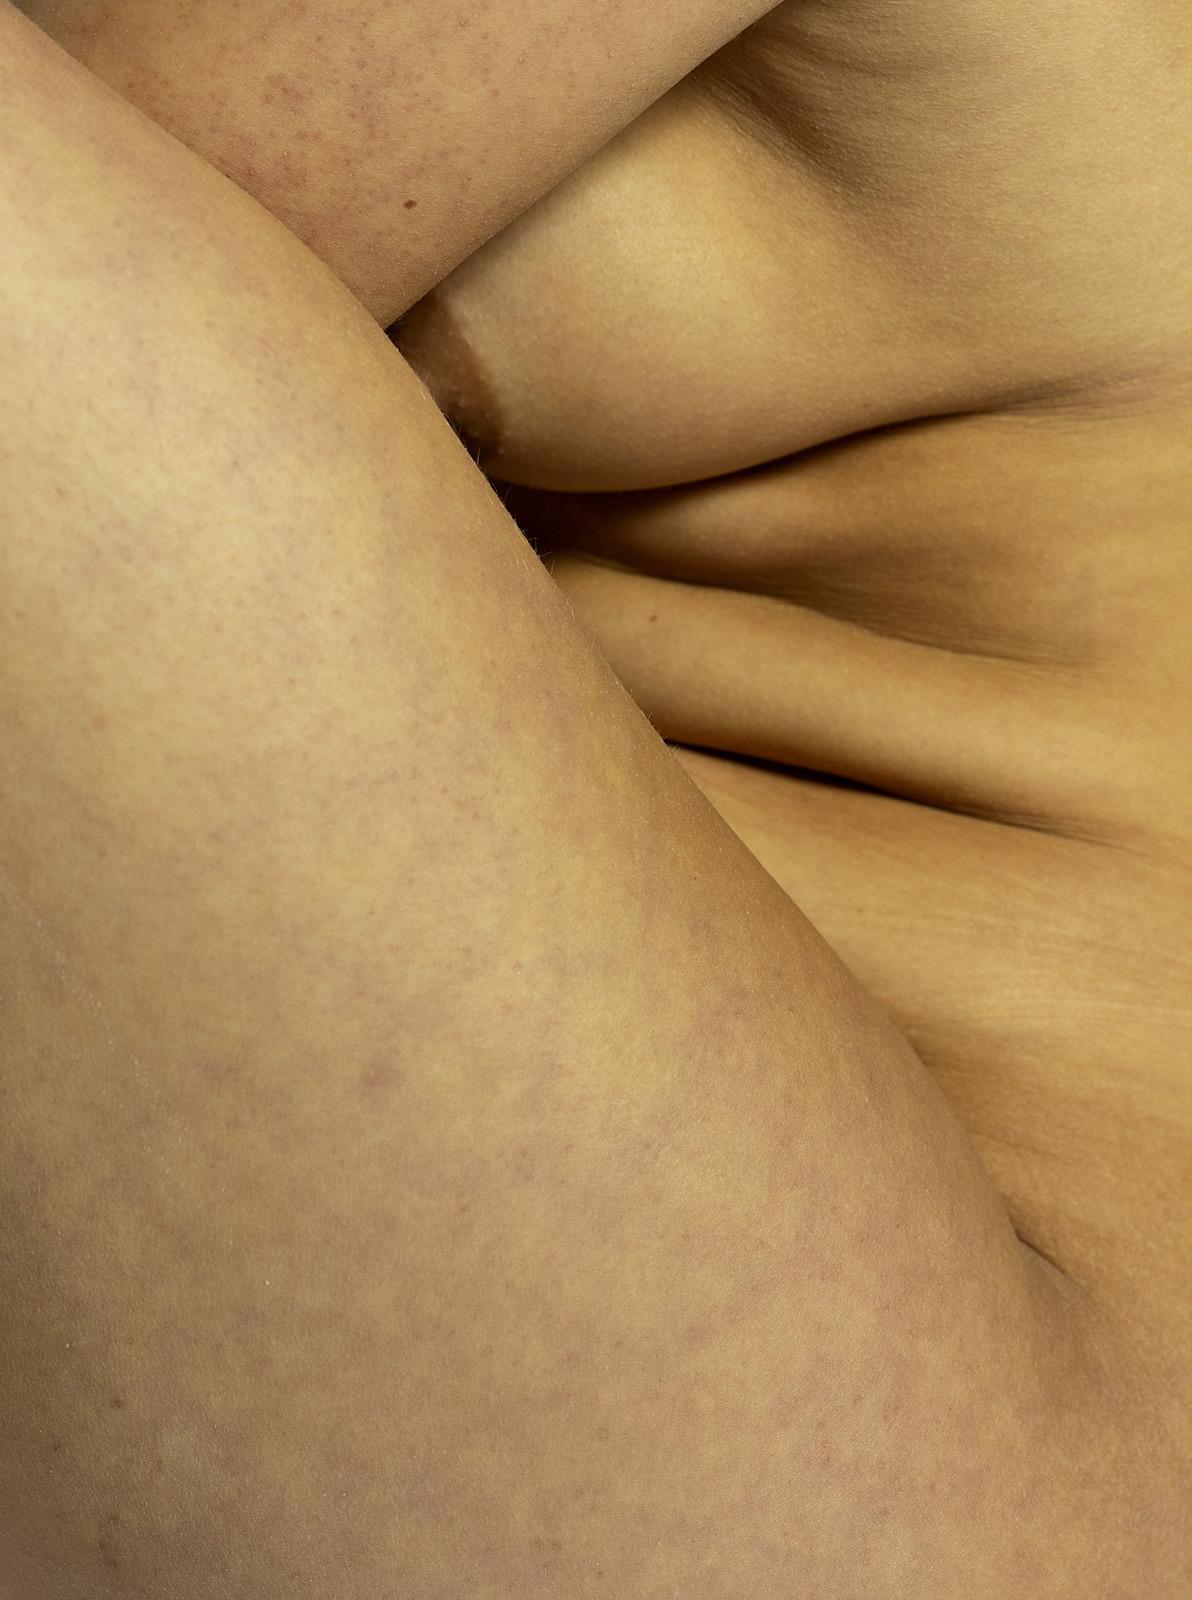 Amy Trott - Every Body